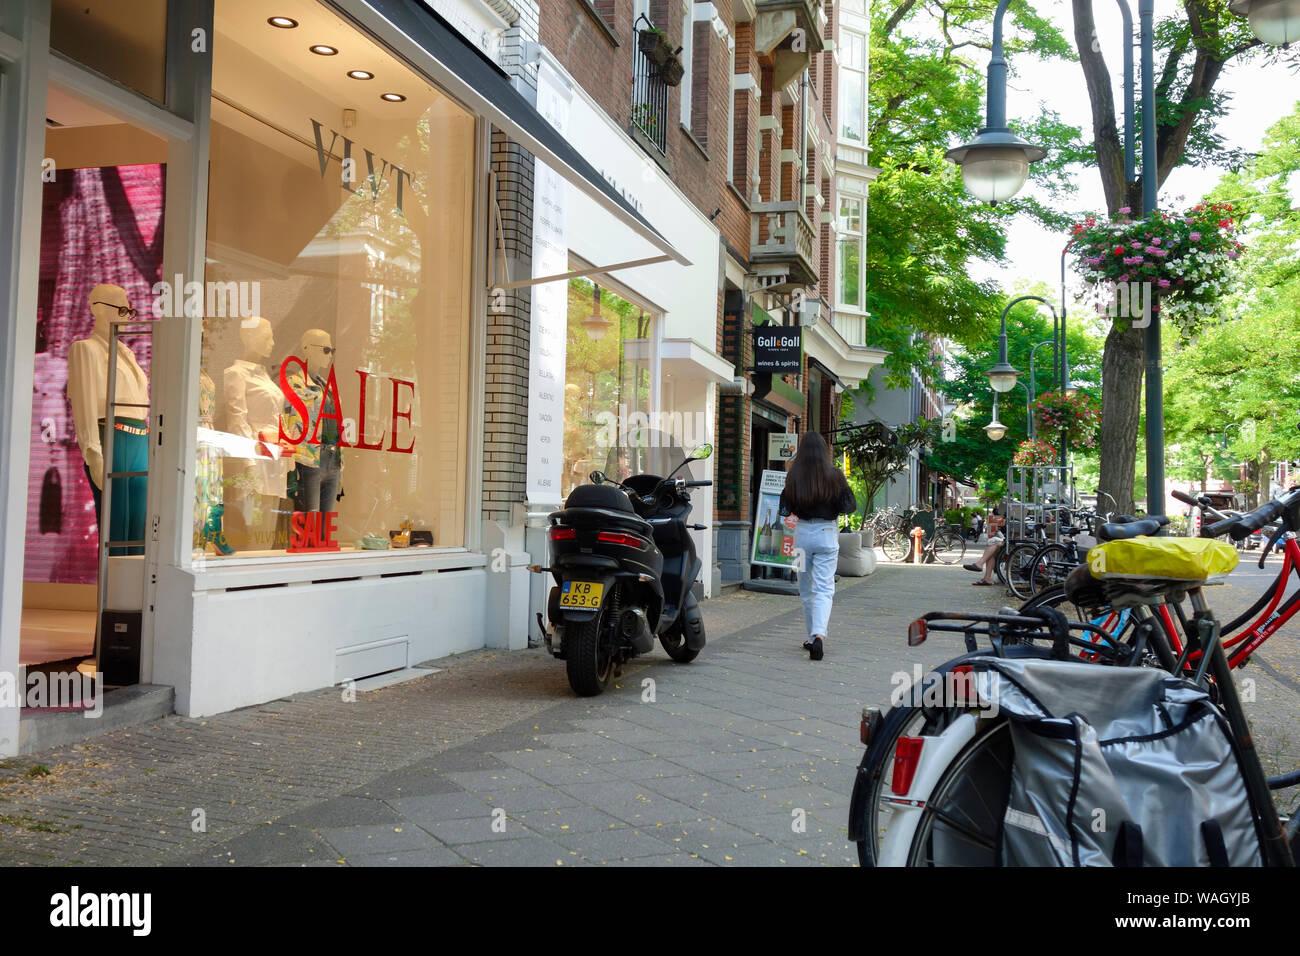 Cornelis Schuytstraat, Oud Zuid, Amsterdam, Pays-Bas - le foyer d'une grande variété de cafés et restaurants, boutiques et magasins de beauté. Banque D'Images